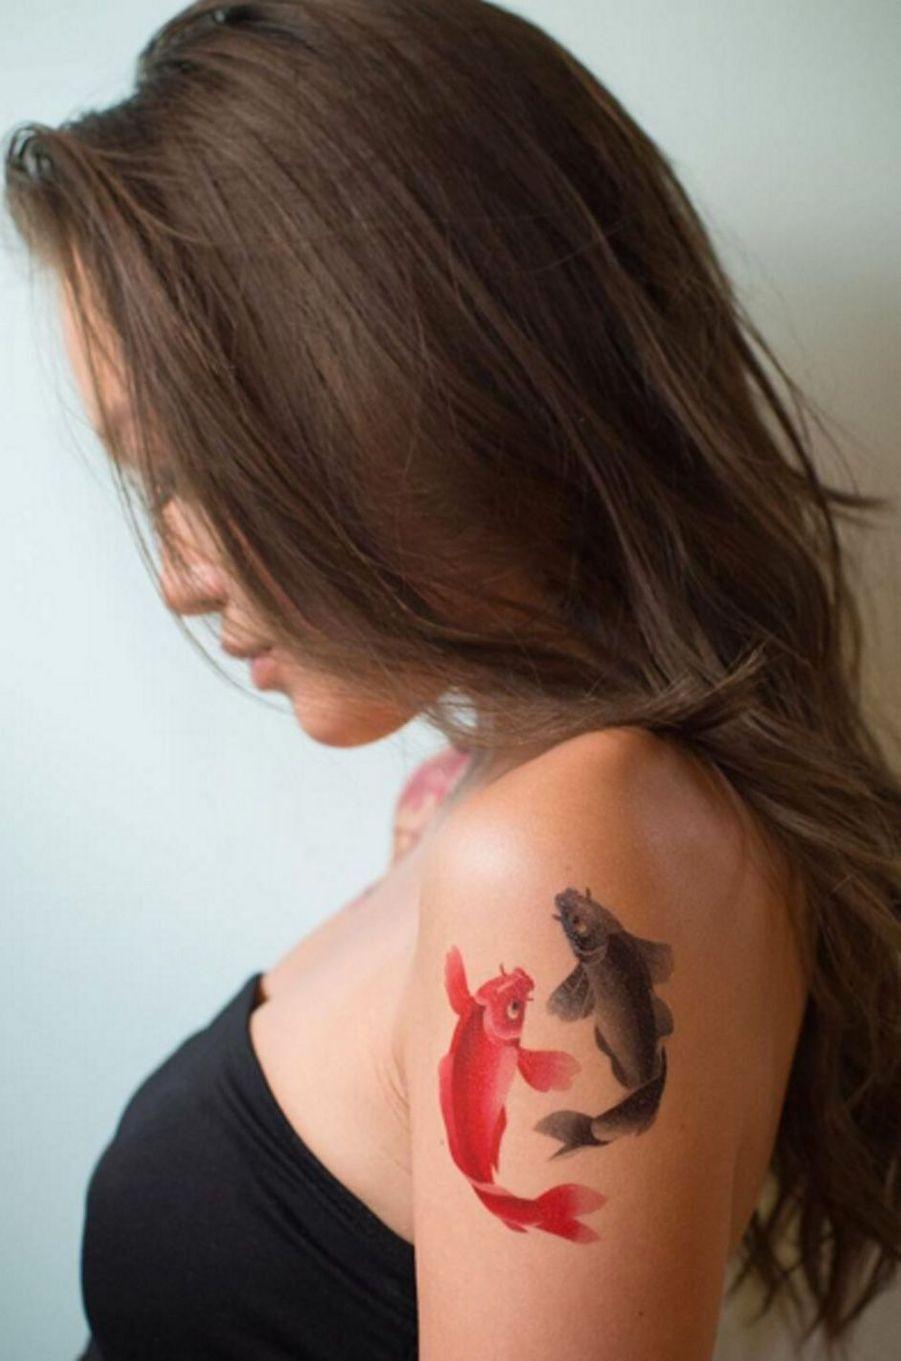 Top 50 : Les tatouages pour femmes les plus tendance en 2016